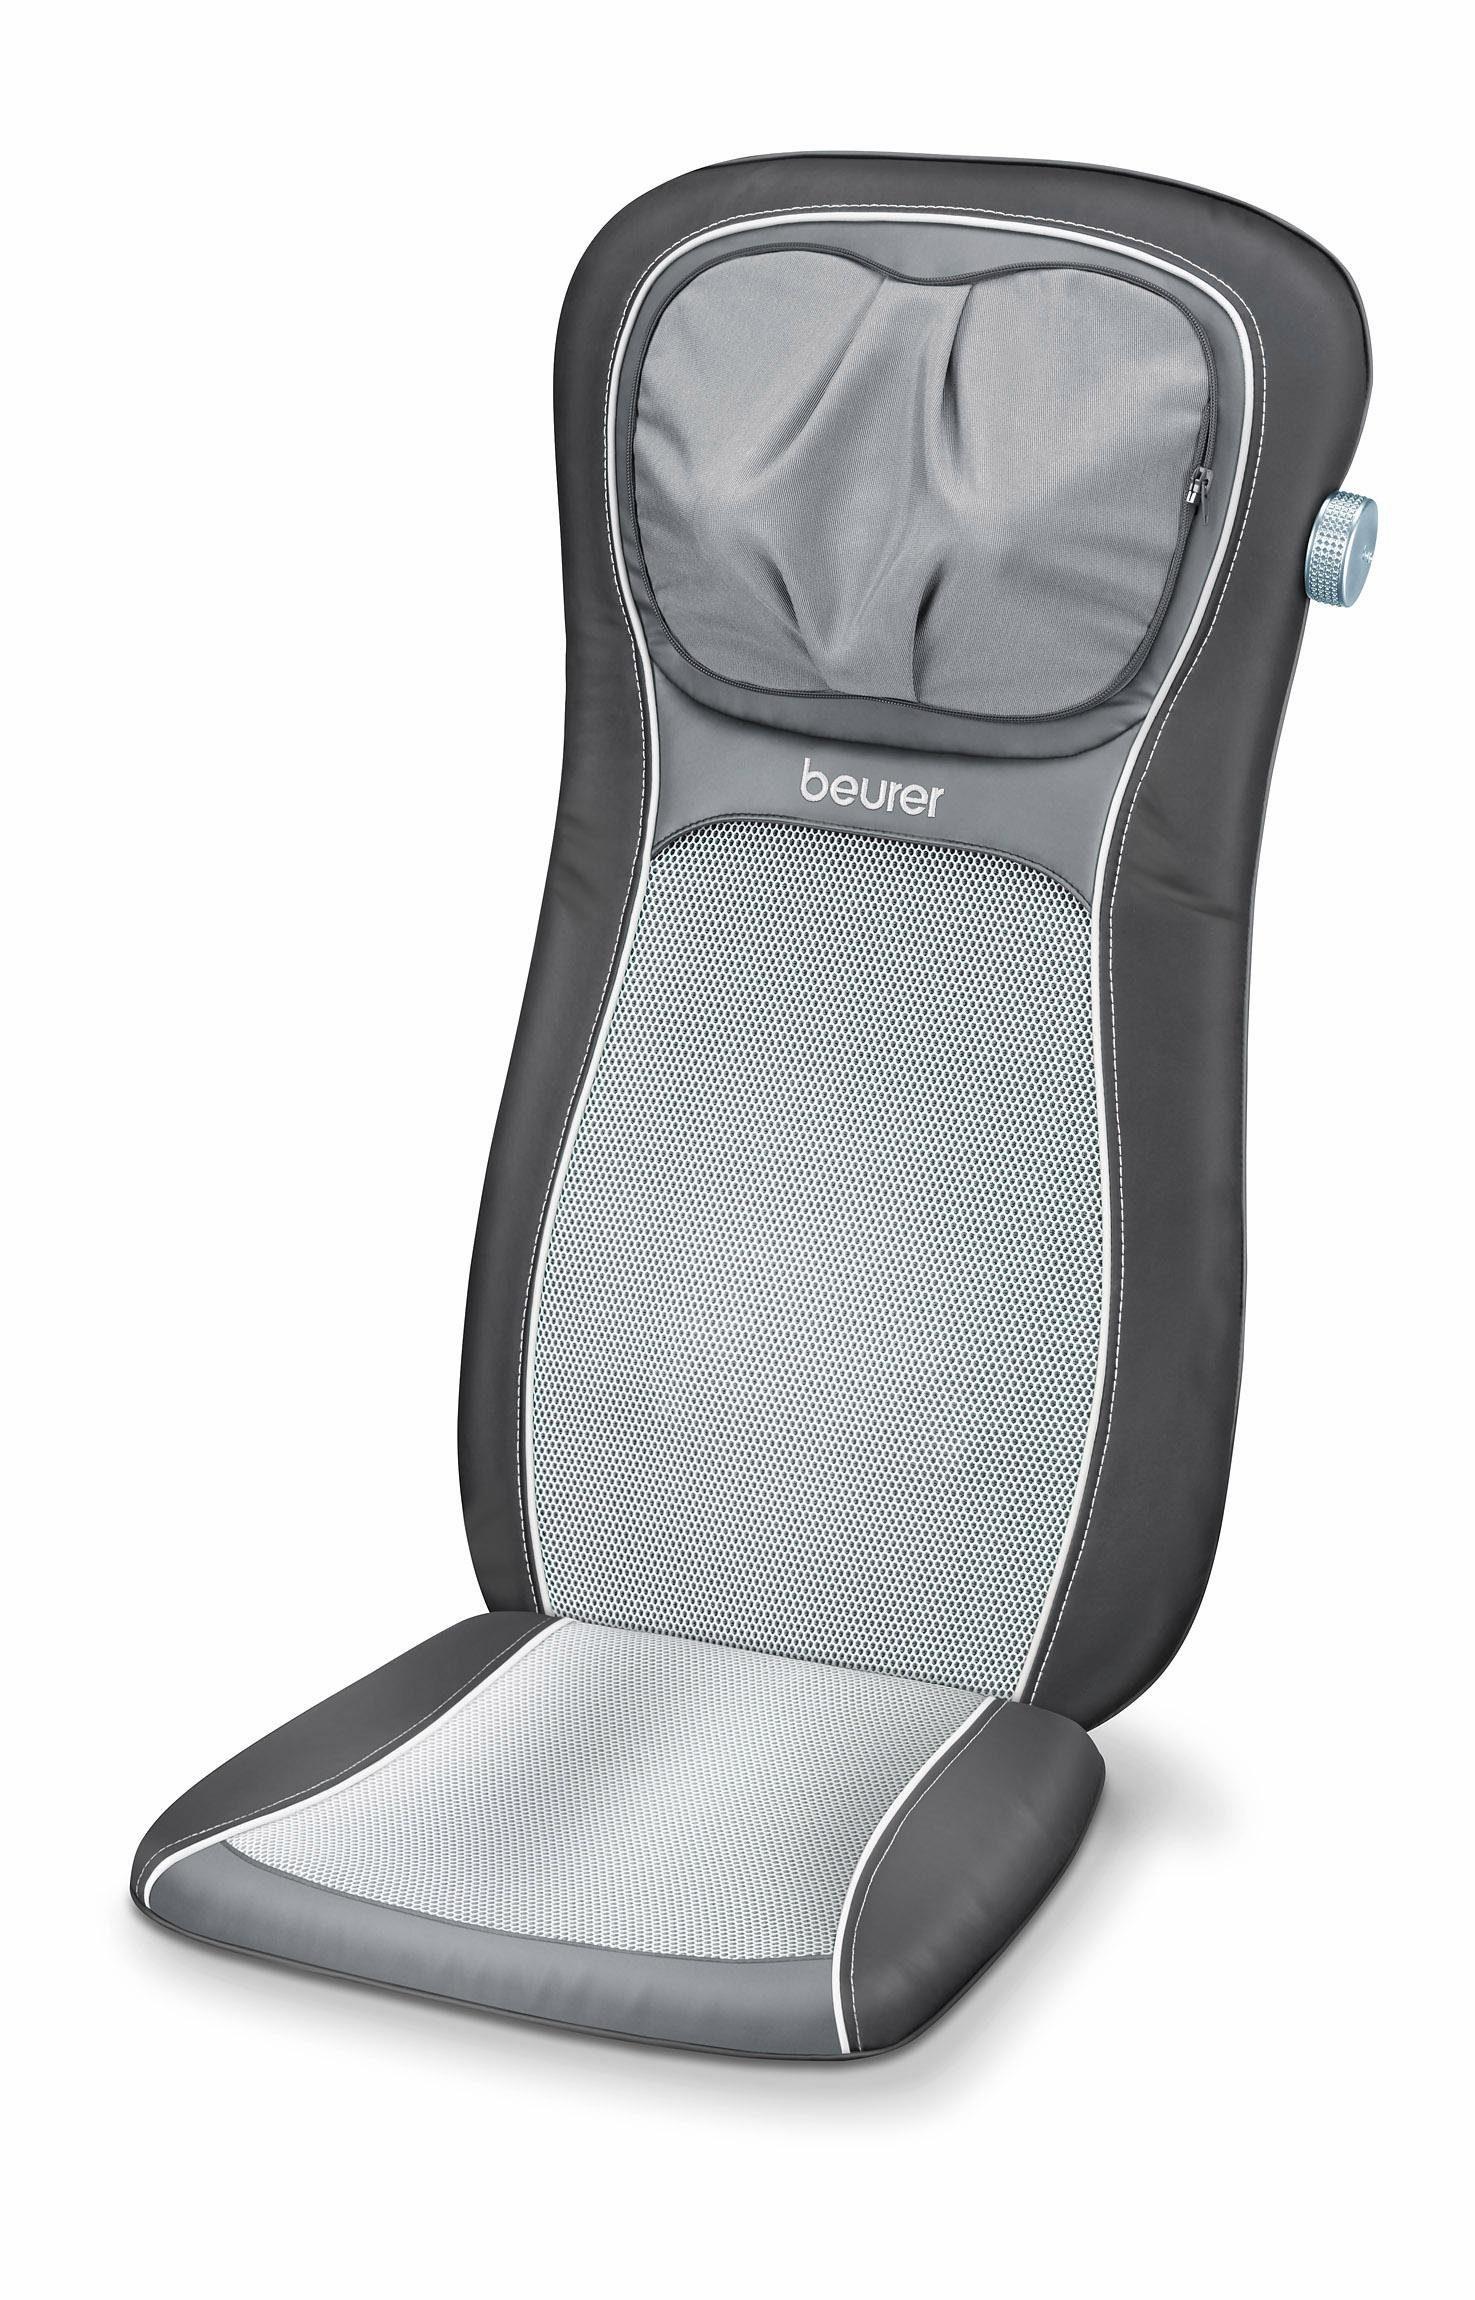 Beurer Shiatsu-Sitzauflage MG260, mit höhenverstellbarer Shiatsu-Nackenmassage